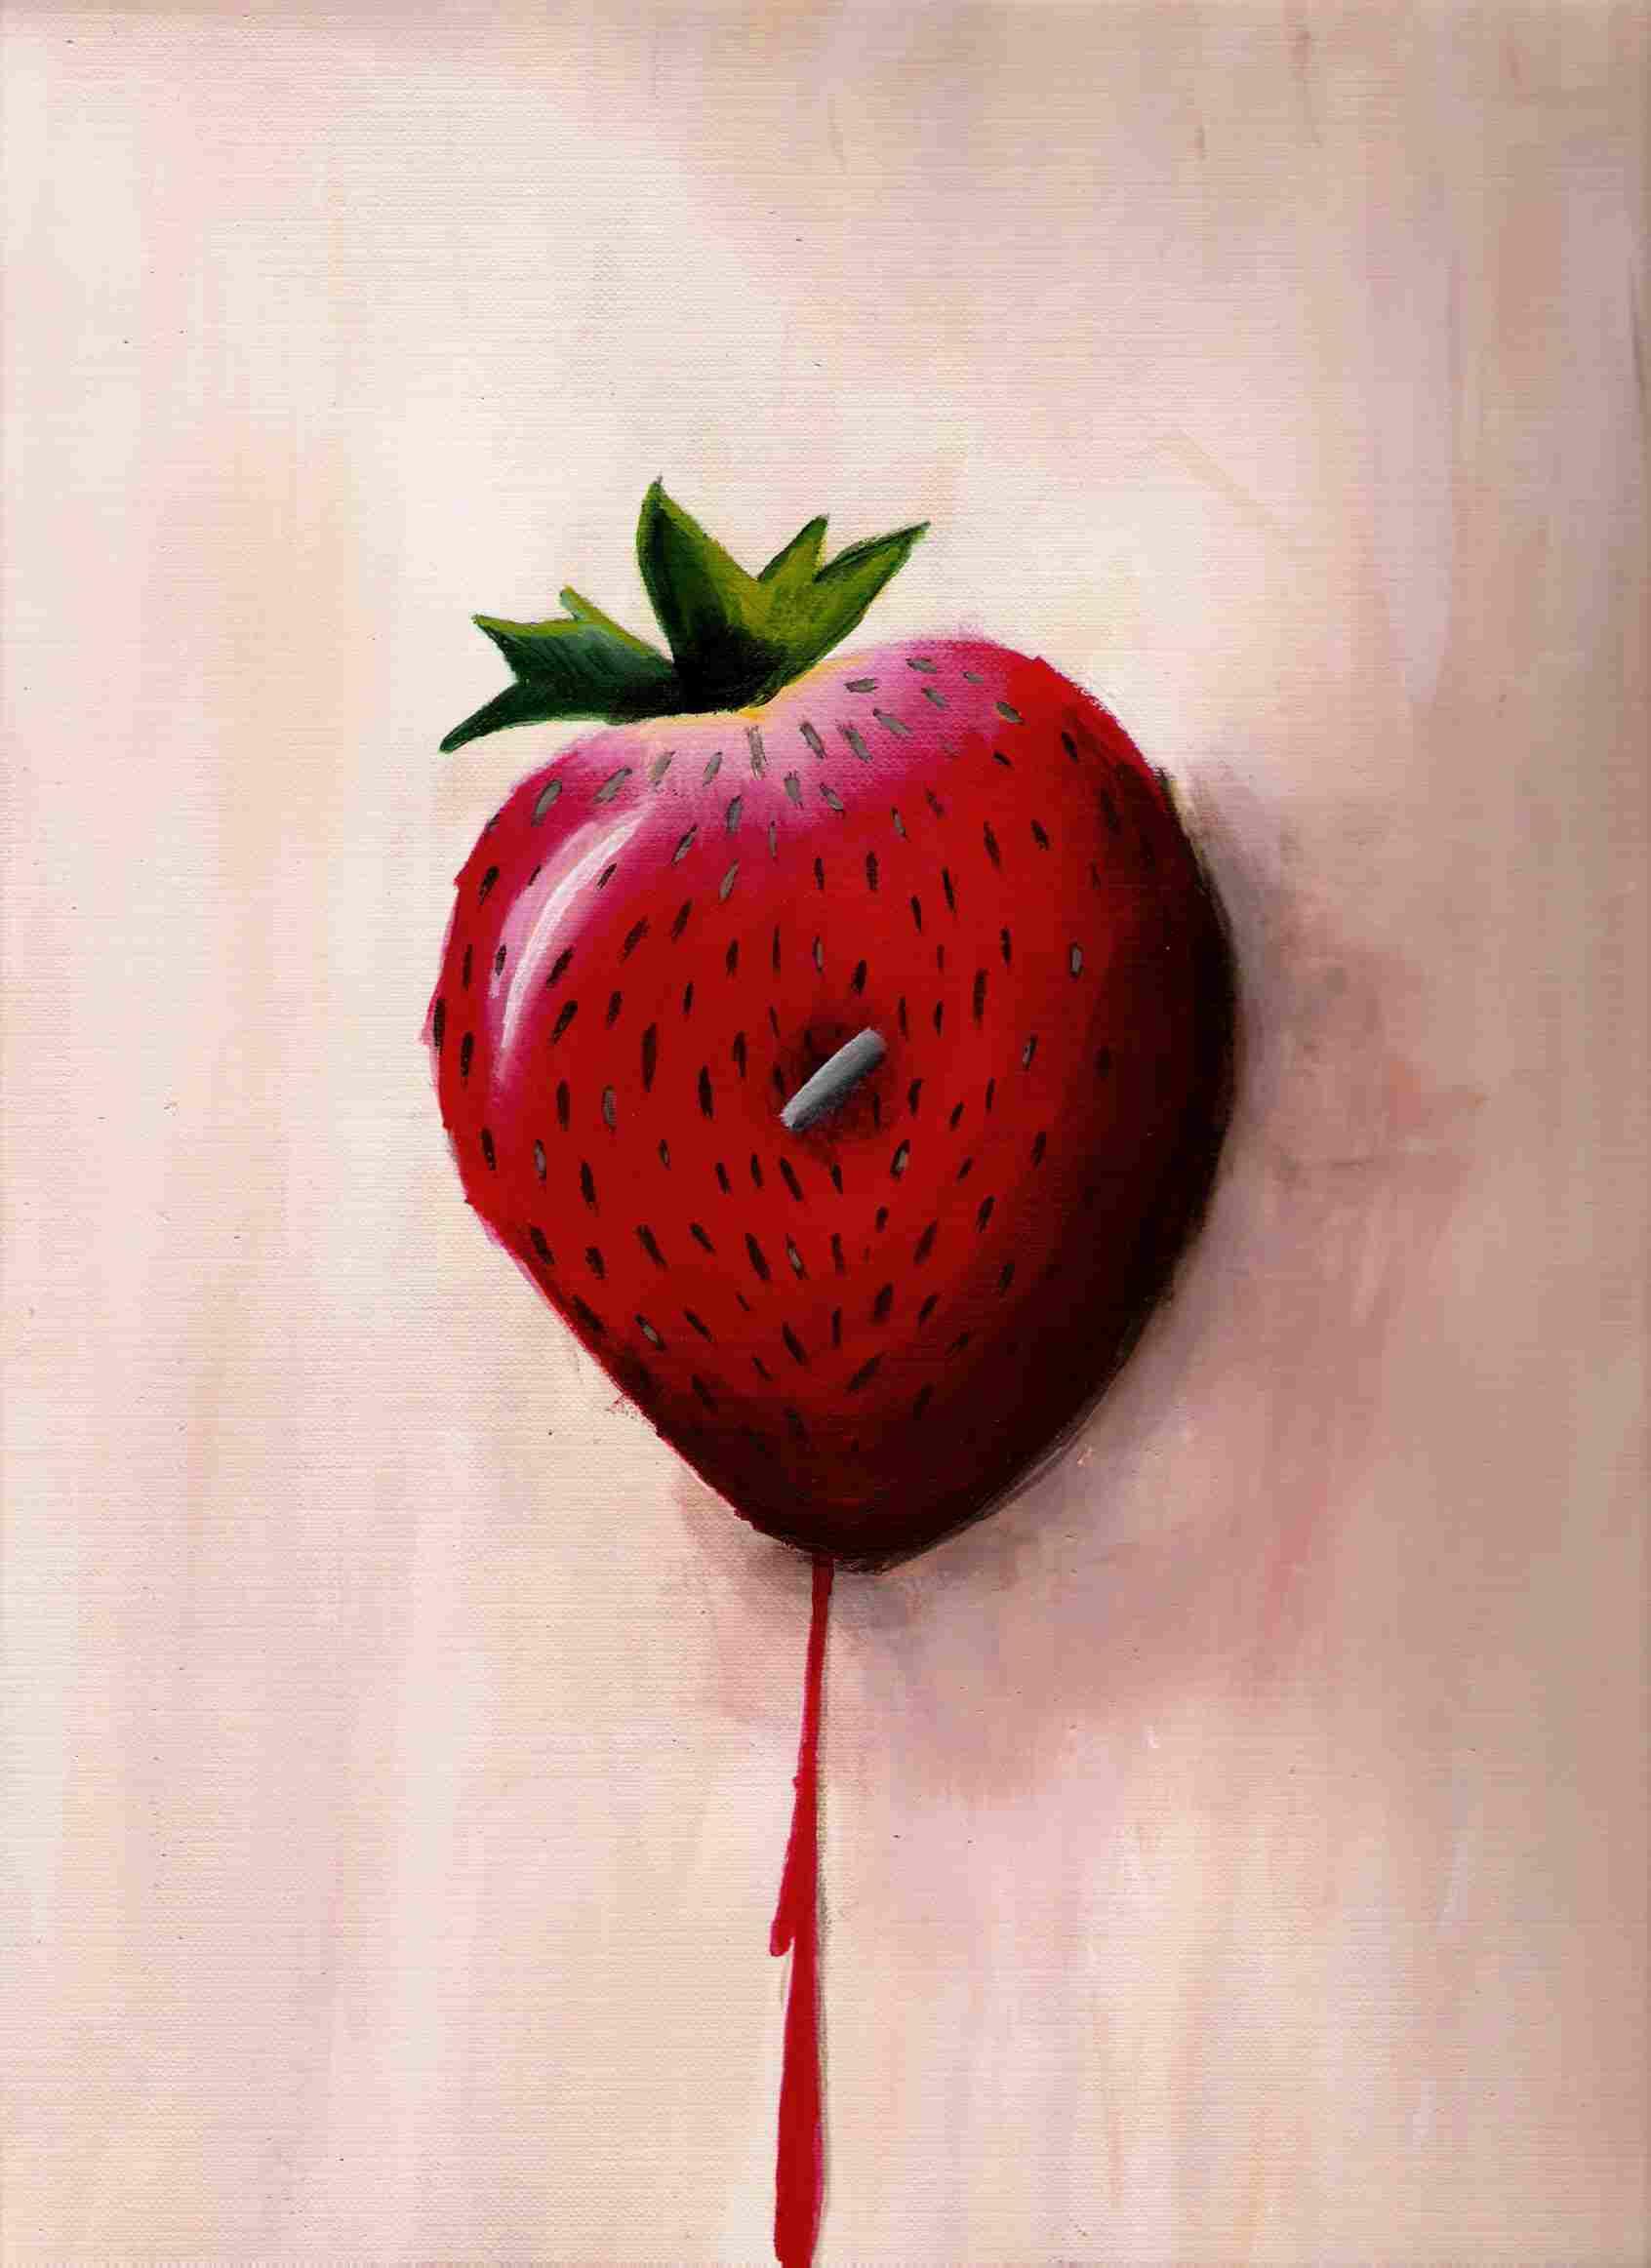 Strawberry Fields Forever Across